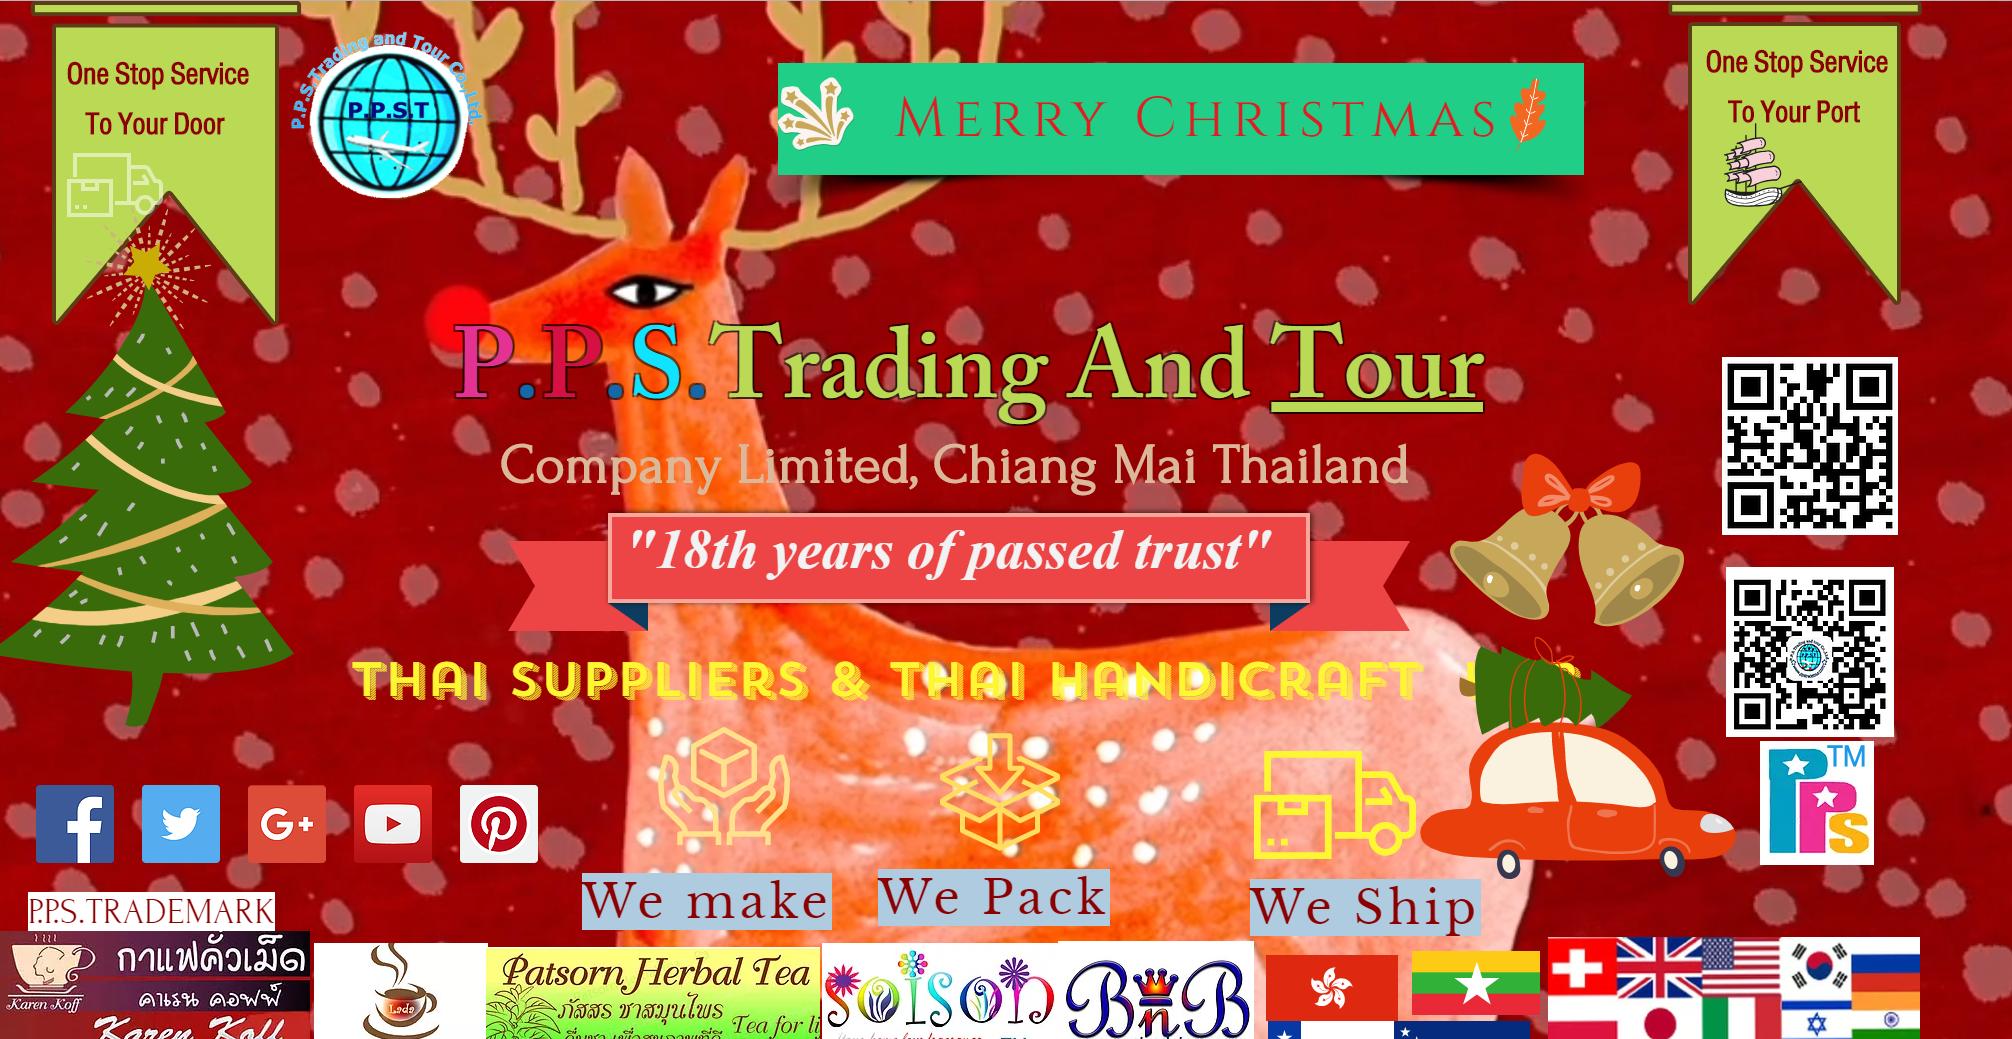 Thai goods supplier, Chiangmai, ppstradetour com